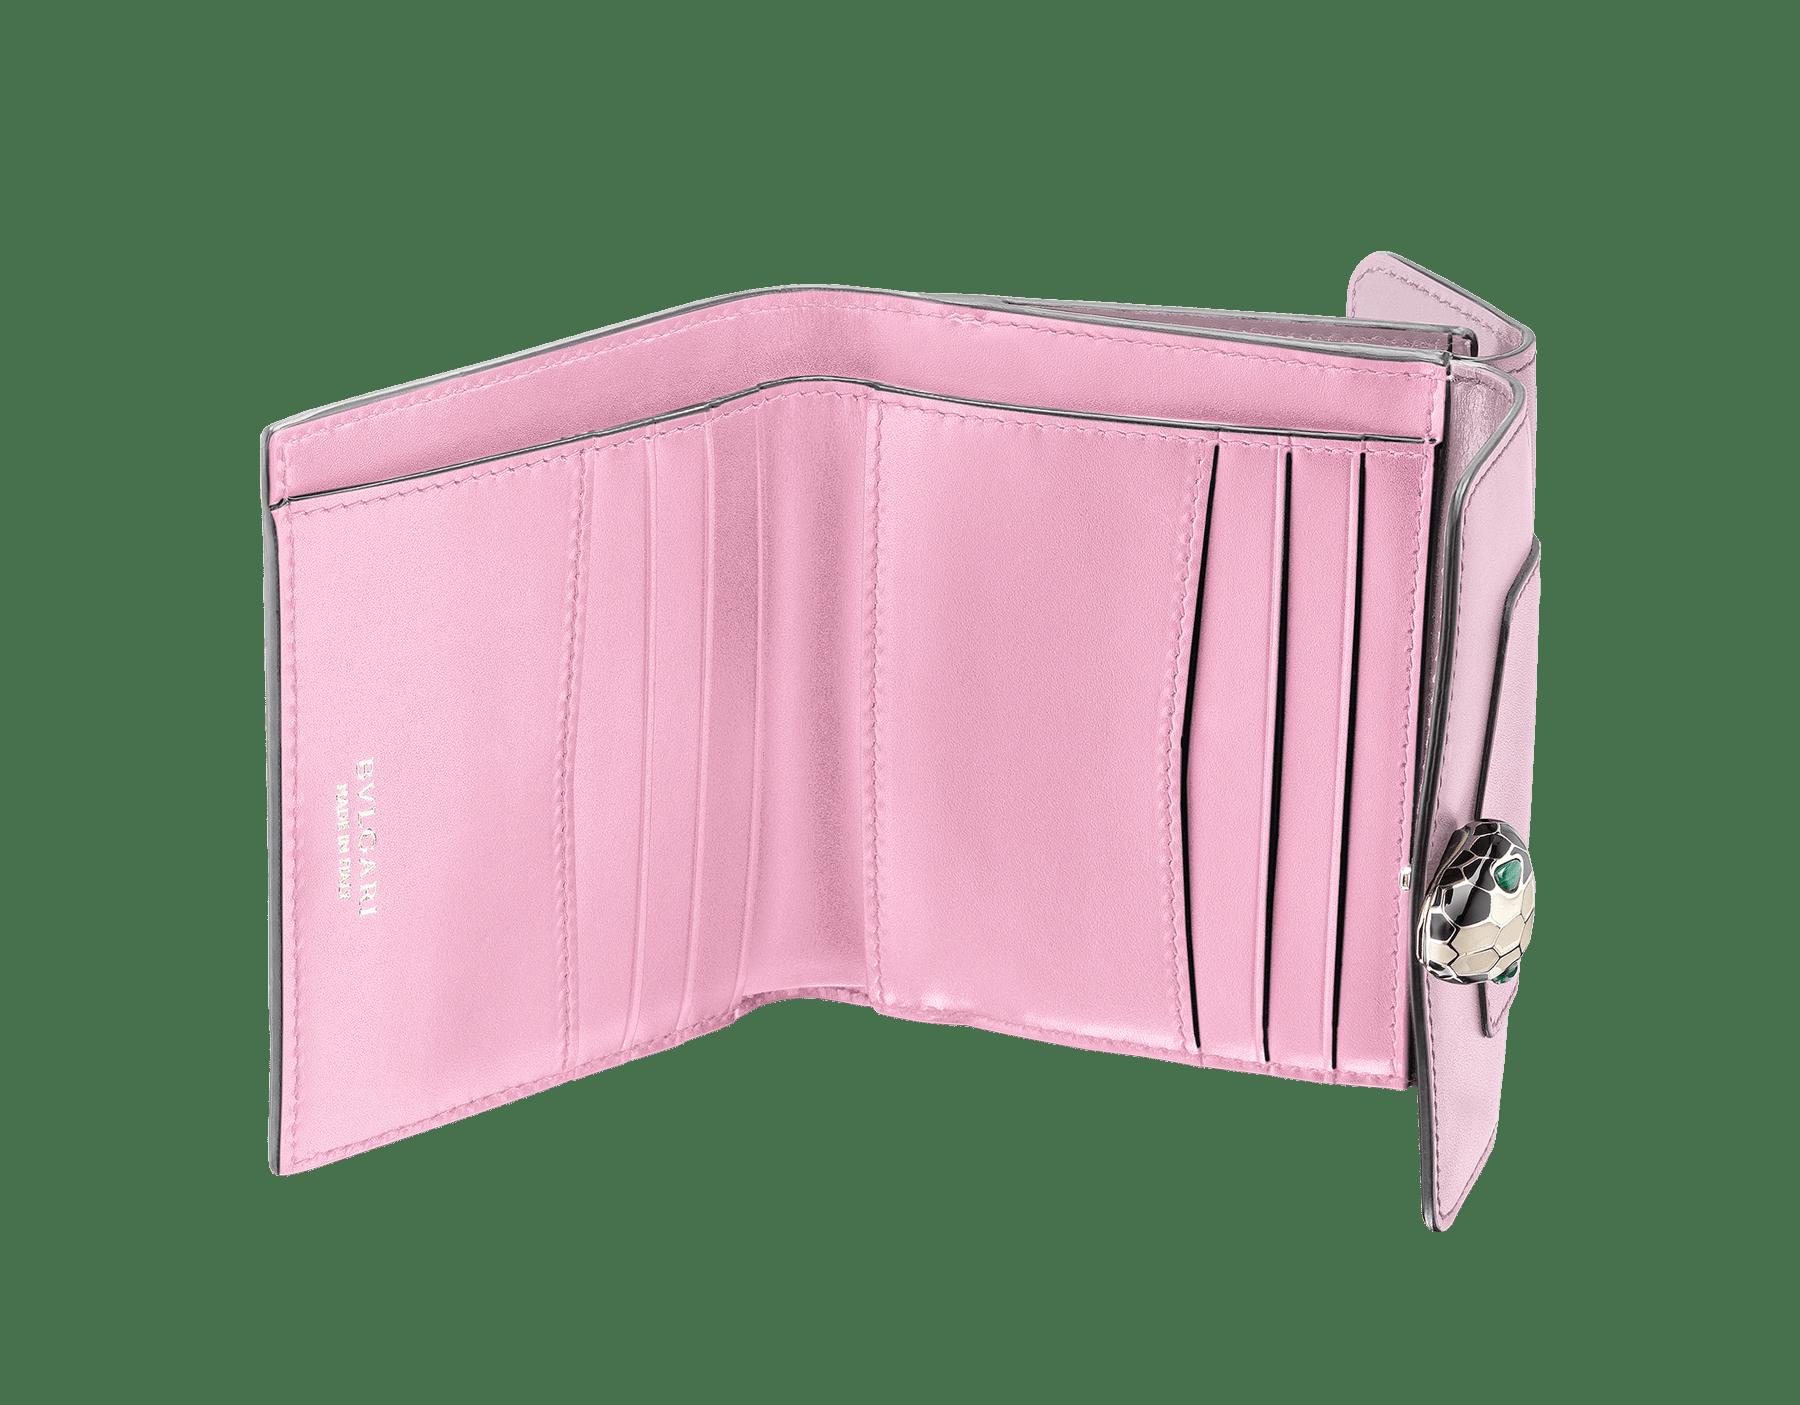 Portefeuille compact carré Serpenti Forever en cuir de veau couleur Rosa di Francia et Flamingo Quartz. Fermoir pression emblématique Serpenti en émail noir et blanc avec yeux en malachite. 289519 image 2